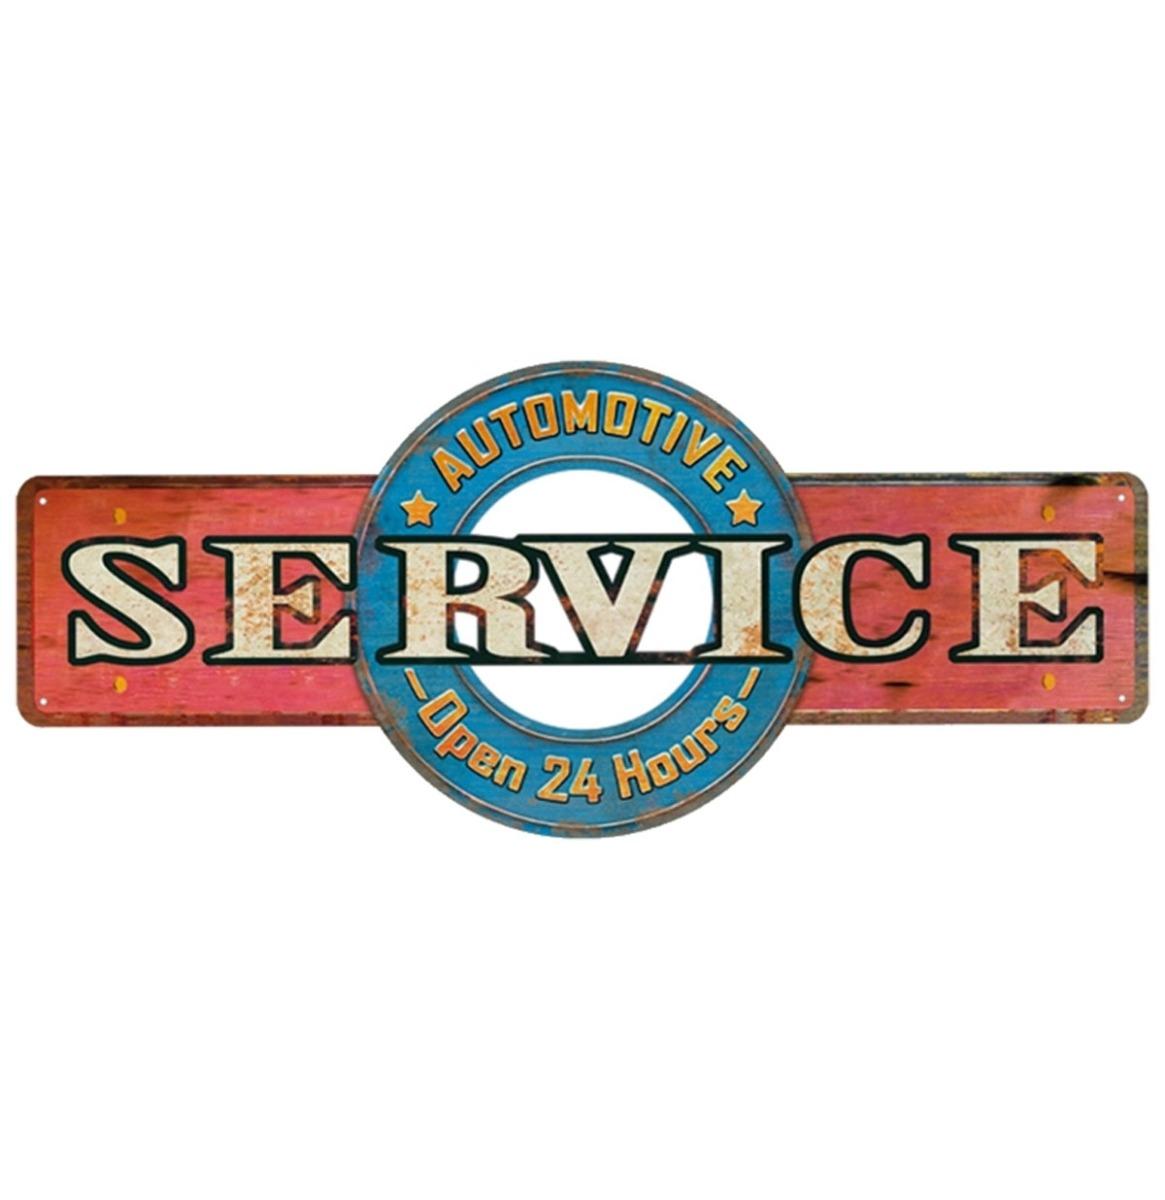 Service Automotive Open 24 Hours Metalen Bord - 45 x 19 cm